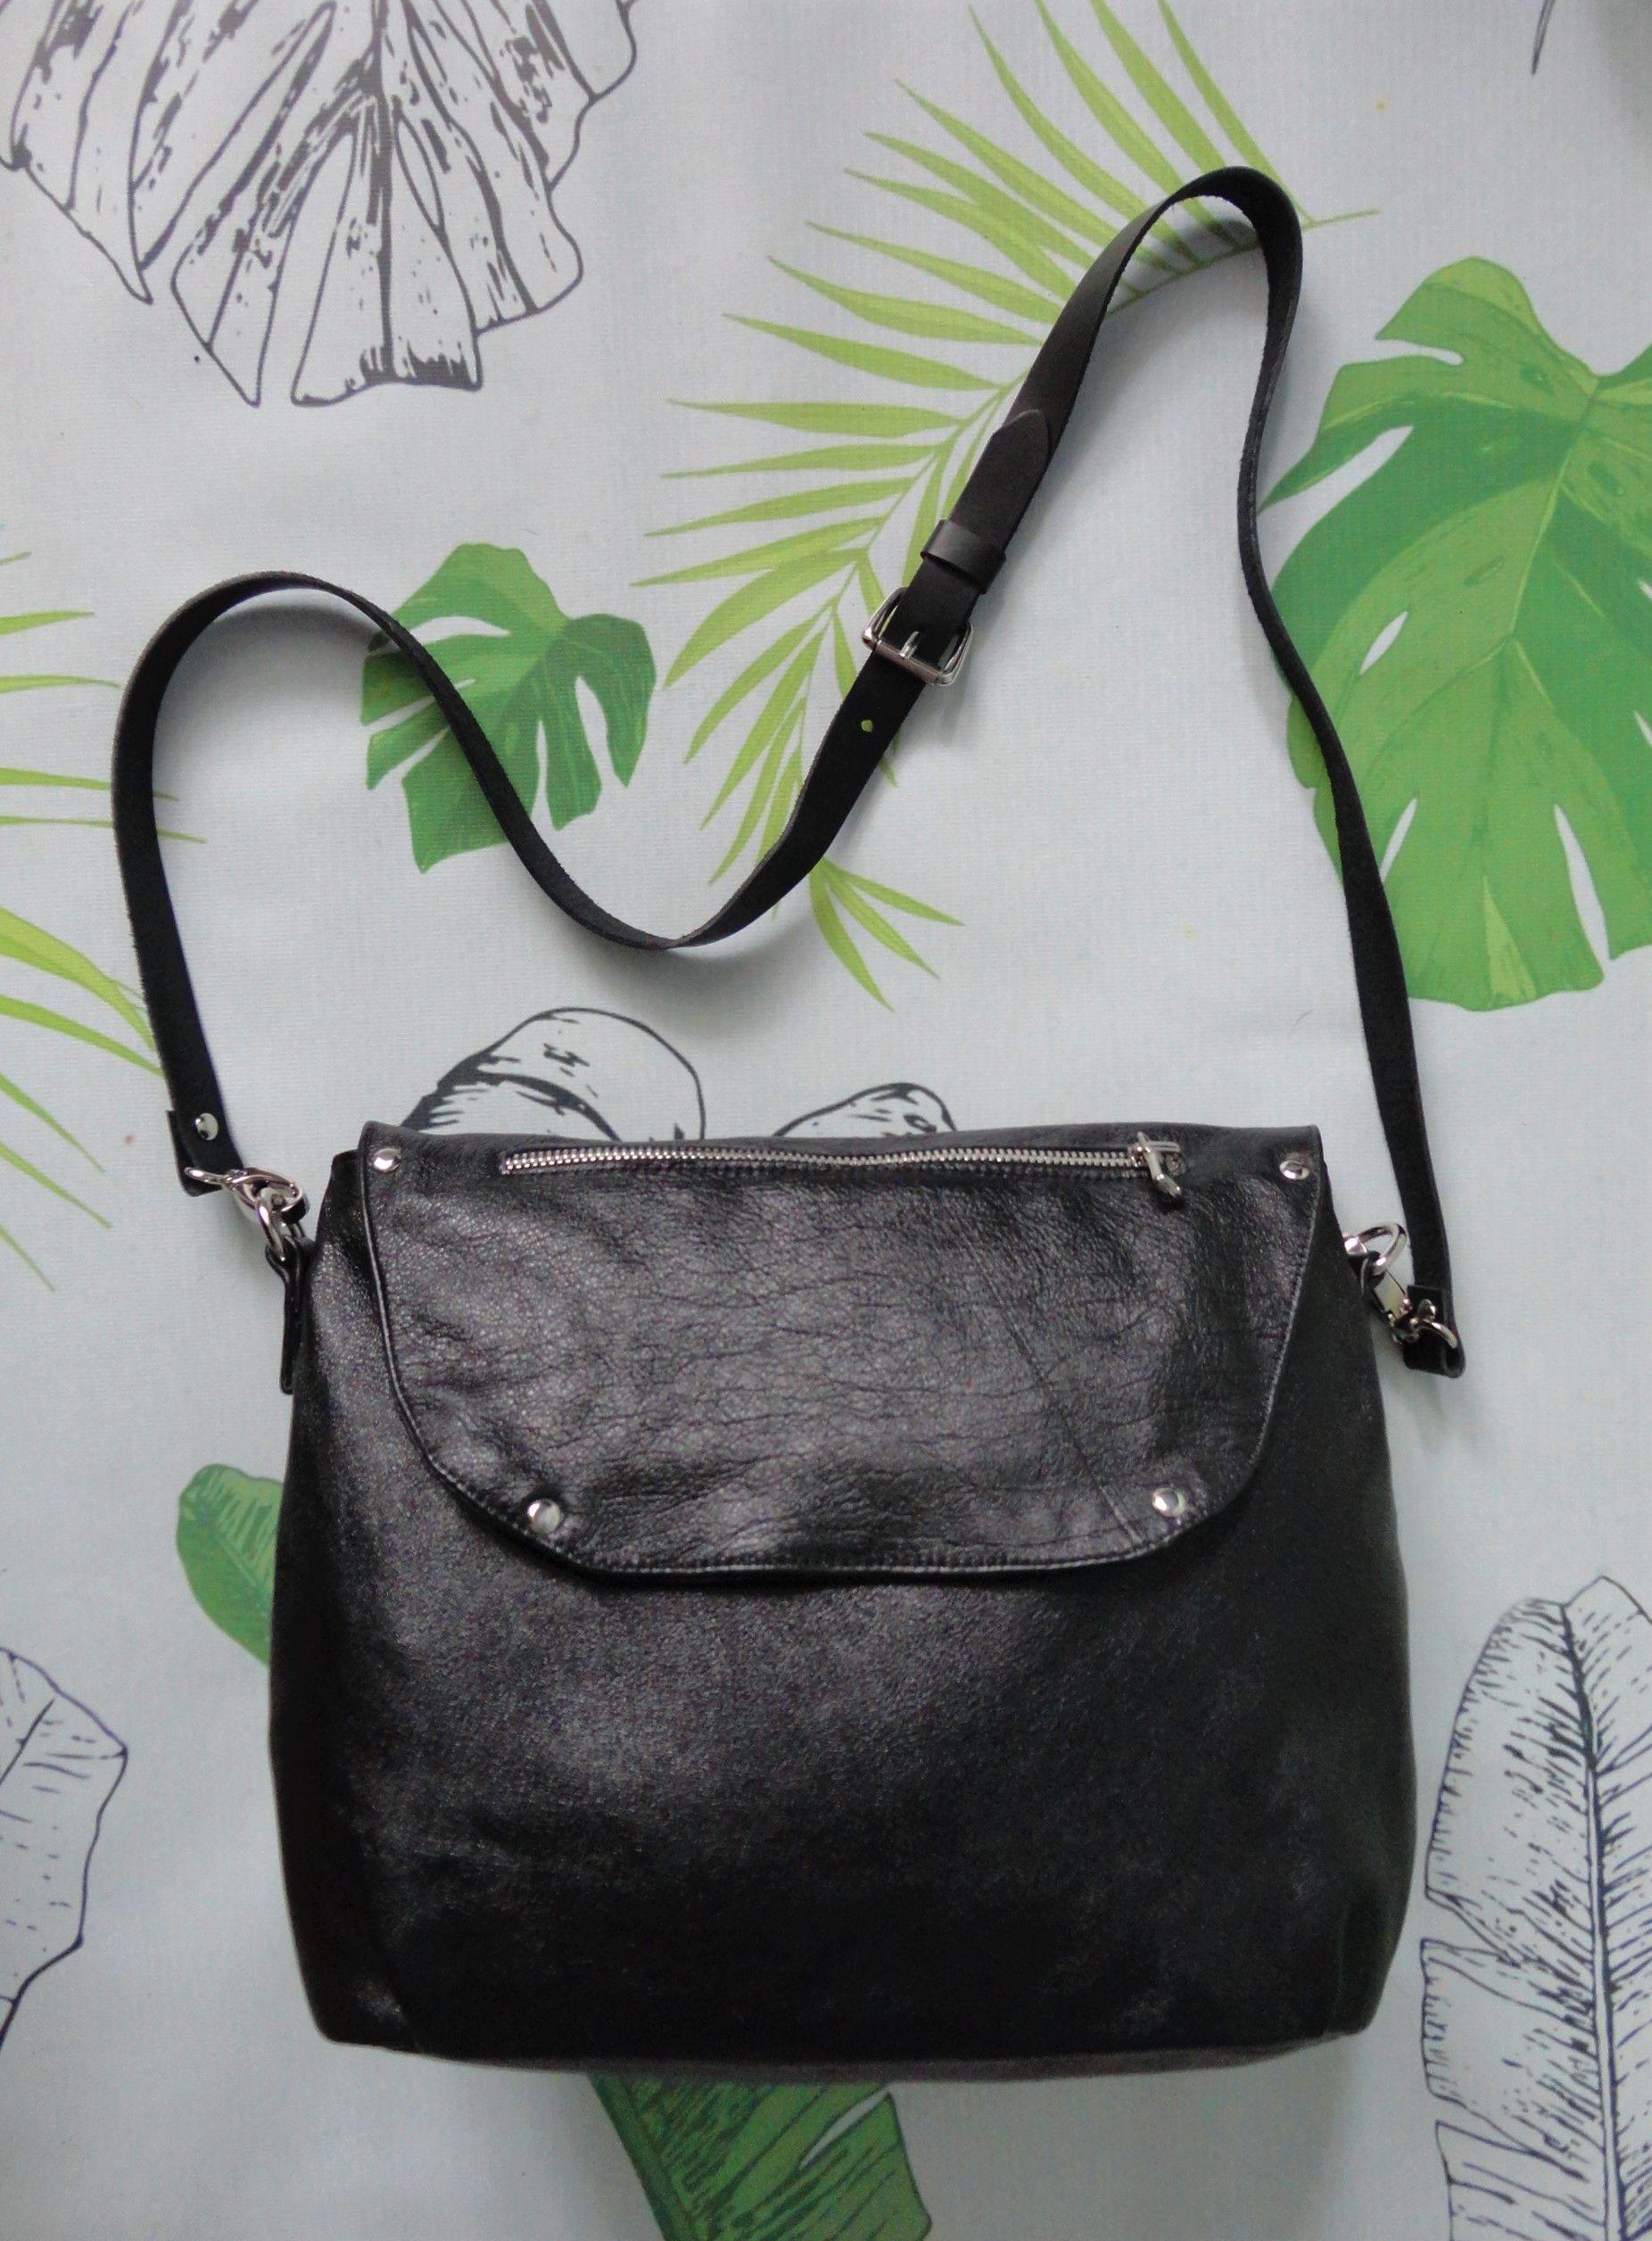 45d9776cef47 Женская стильная удобная сумка из натуральной кожи. Купить кожаную сумку в  Украине.